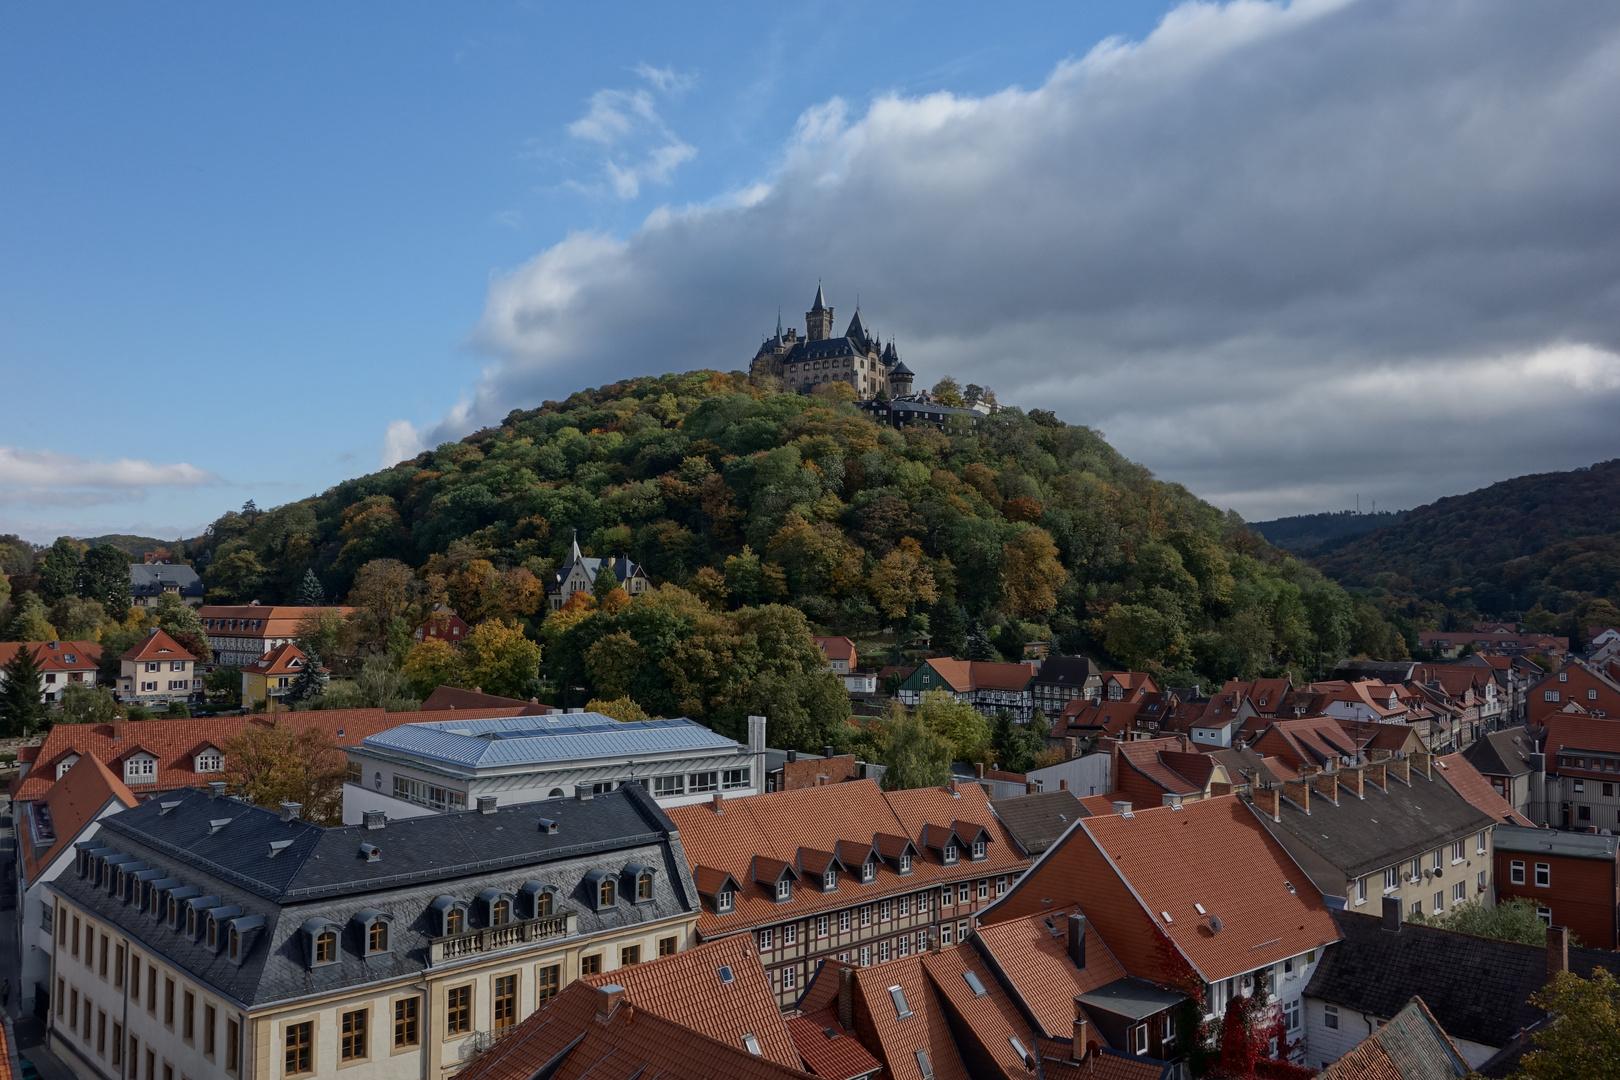 Blick zum Schloss Wernigerode